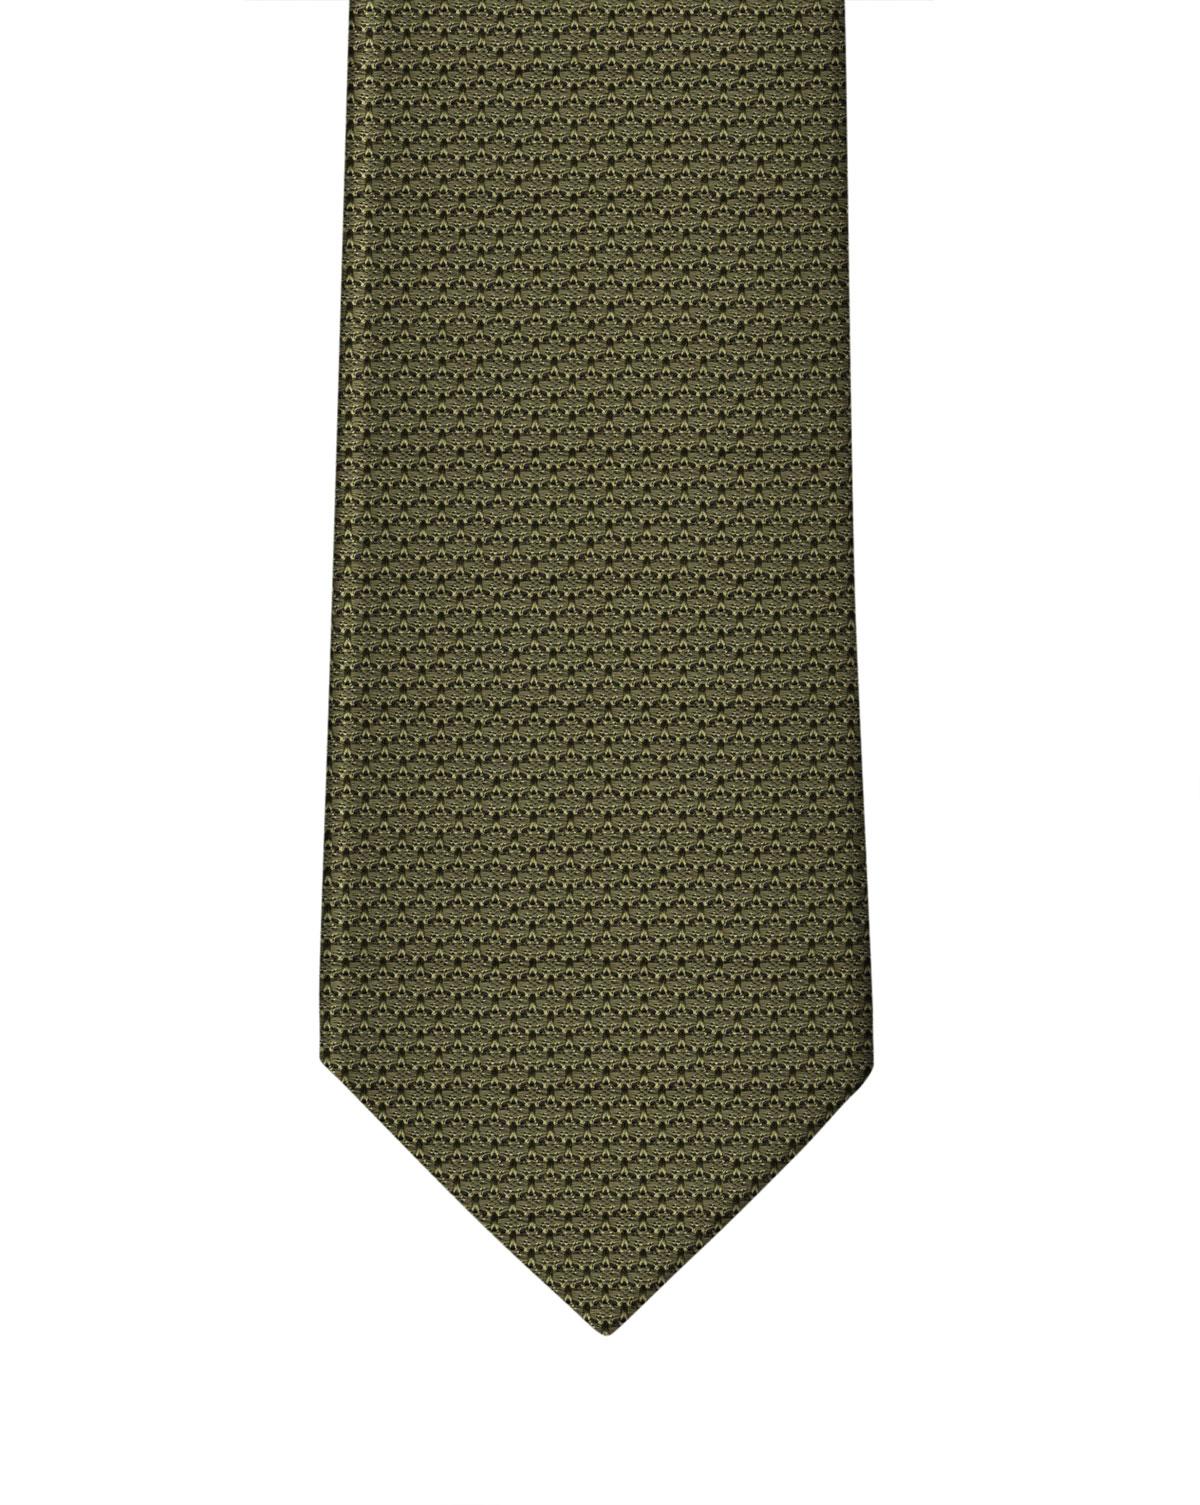 Sage Green Grenadine Necktie